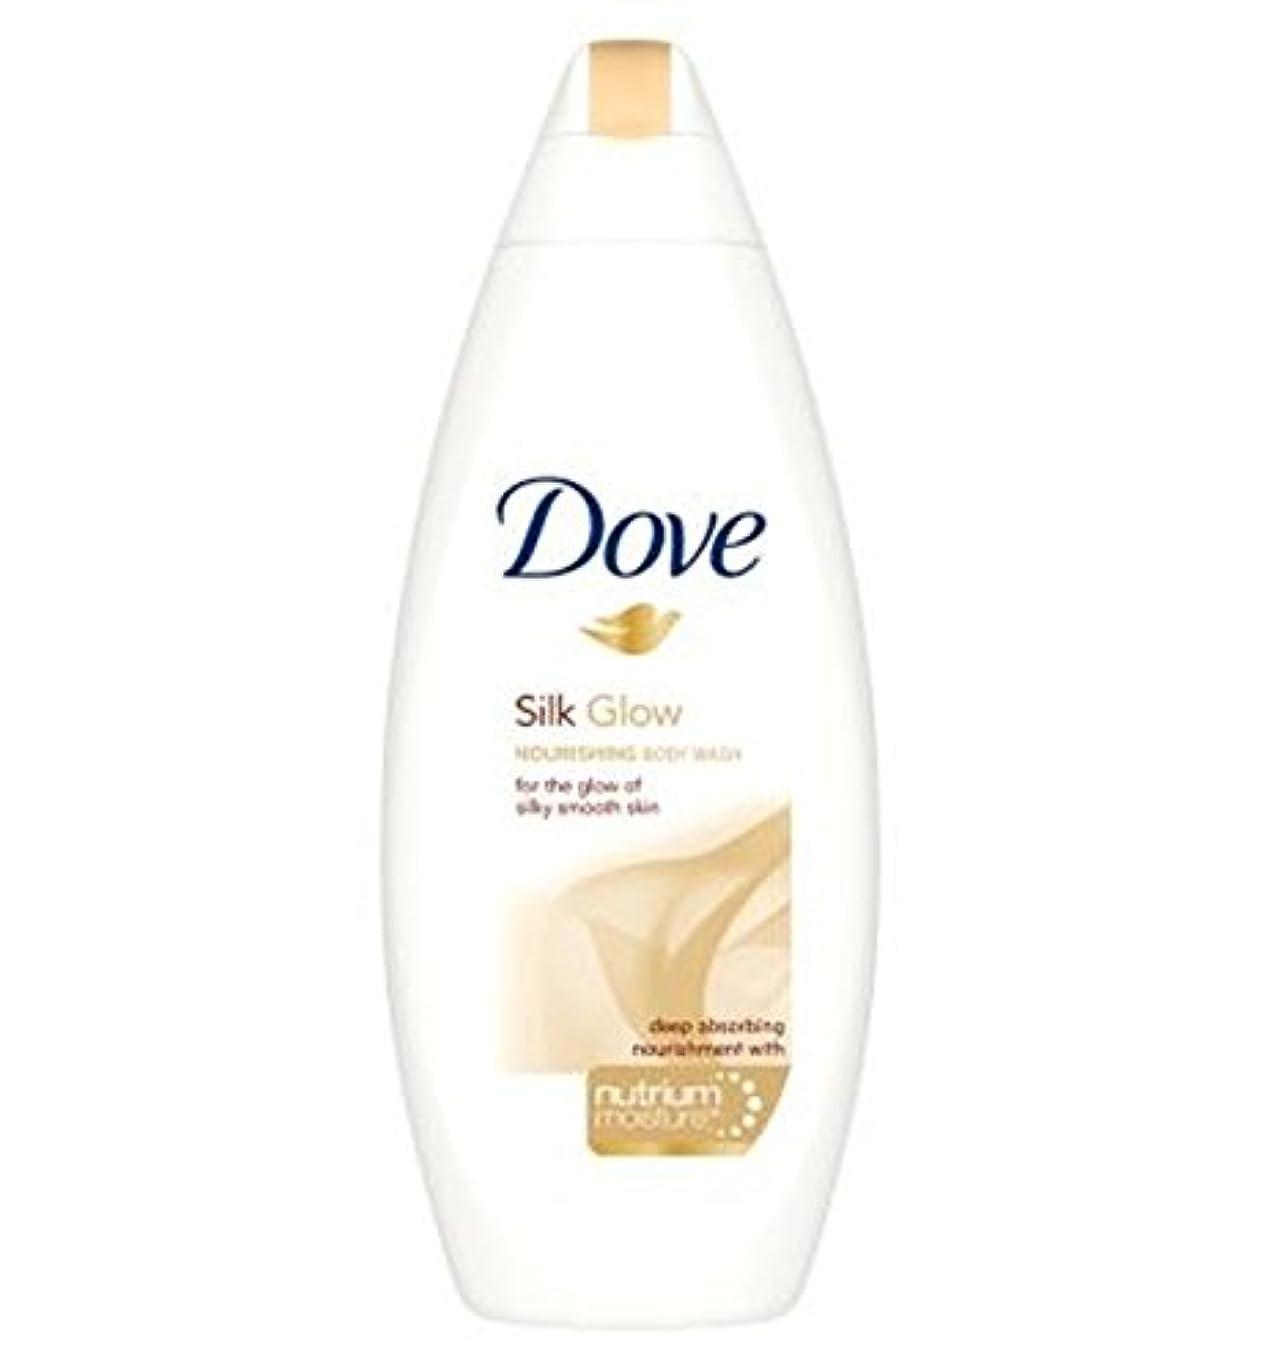 うめき声通知する分布Dove Silk body wash 500ml - 鳩シルクボディウォッシュ500ミリリットル (Dove) [並行輸入品]